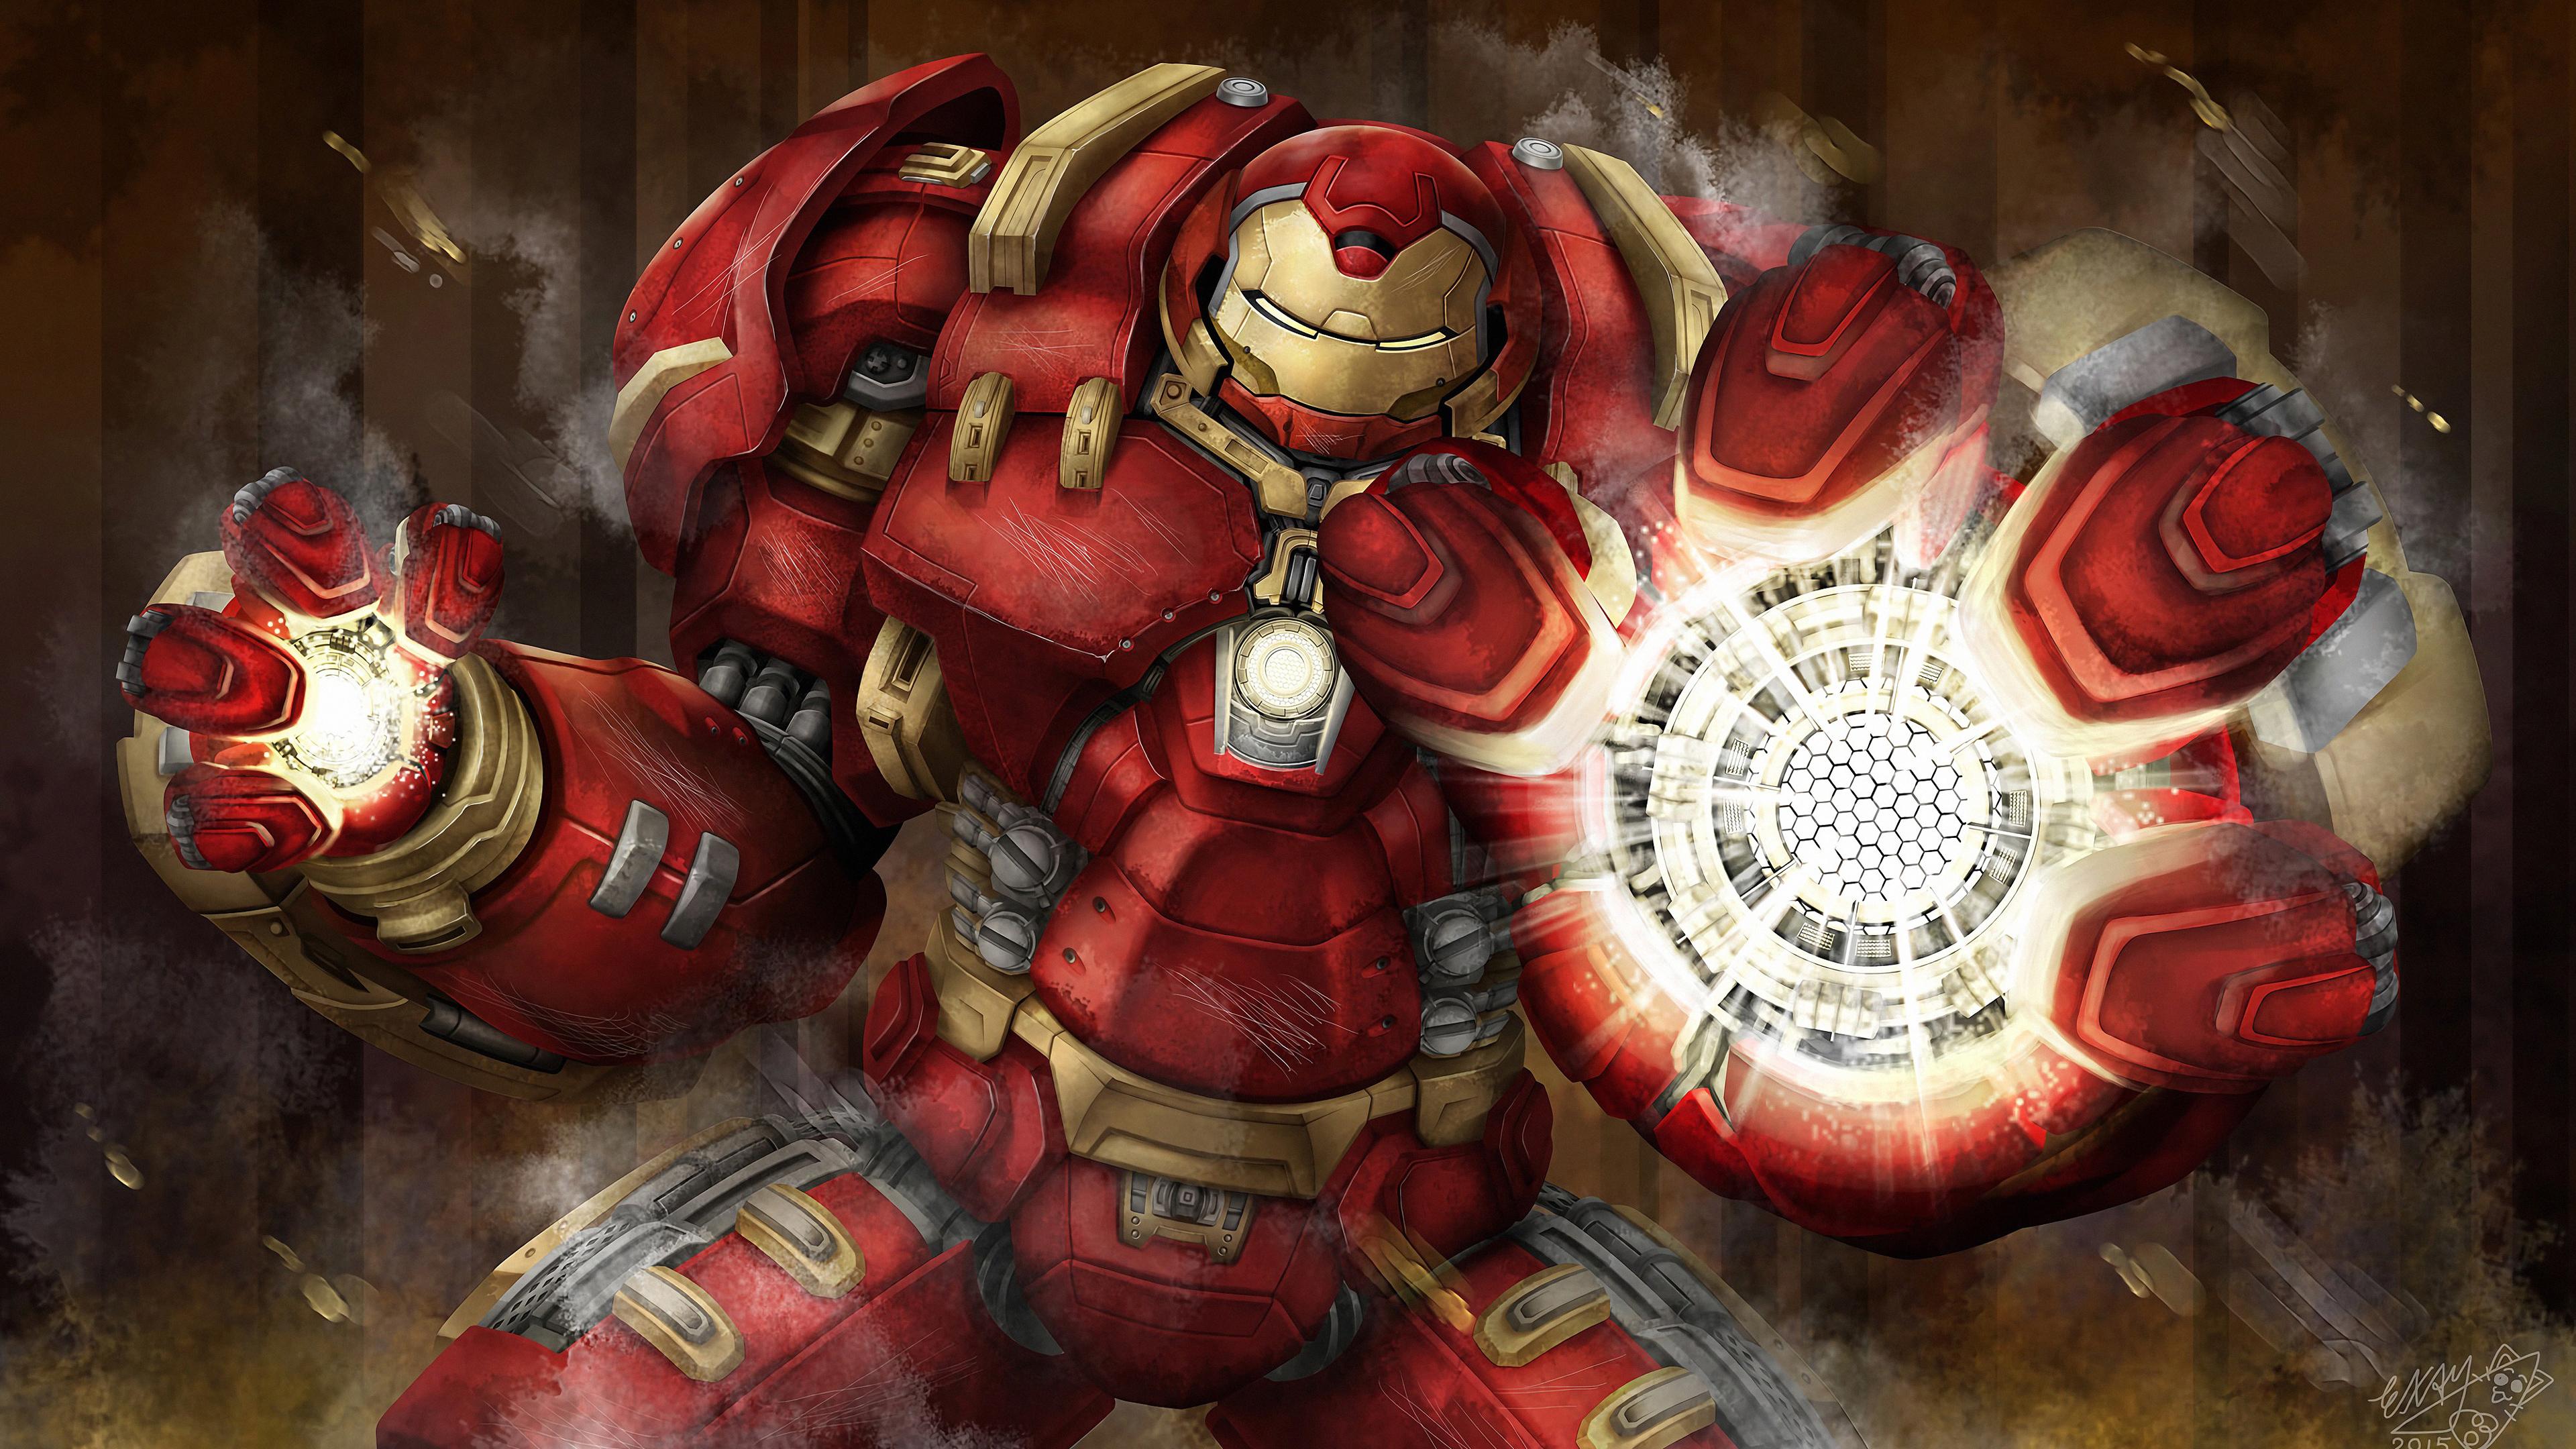 iron hulkbuster art 1568055123 - Iron Hulkbuster Art - superheroes wallpapers, pixiv wallpapers, hulkbuster wallpapers, hd-wallpapers, artwork wallpapers, 4k-wallpapers